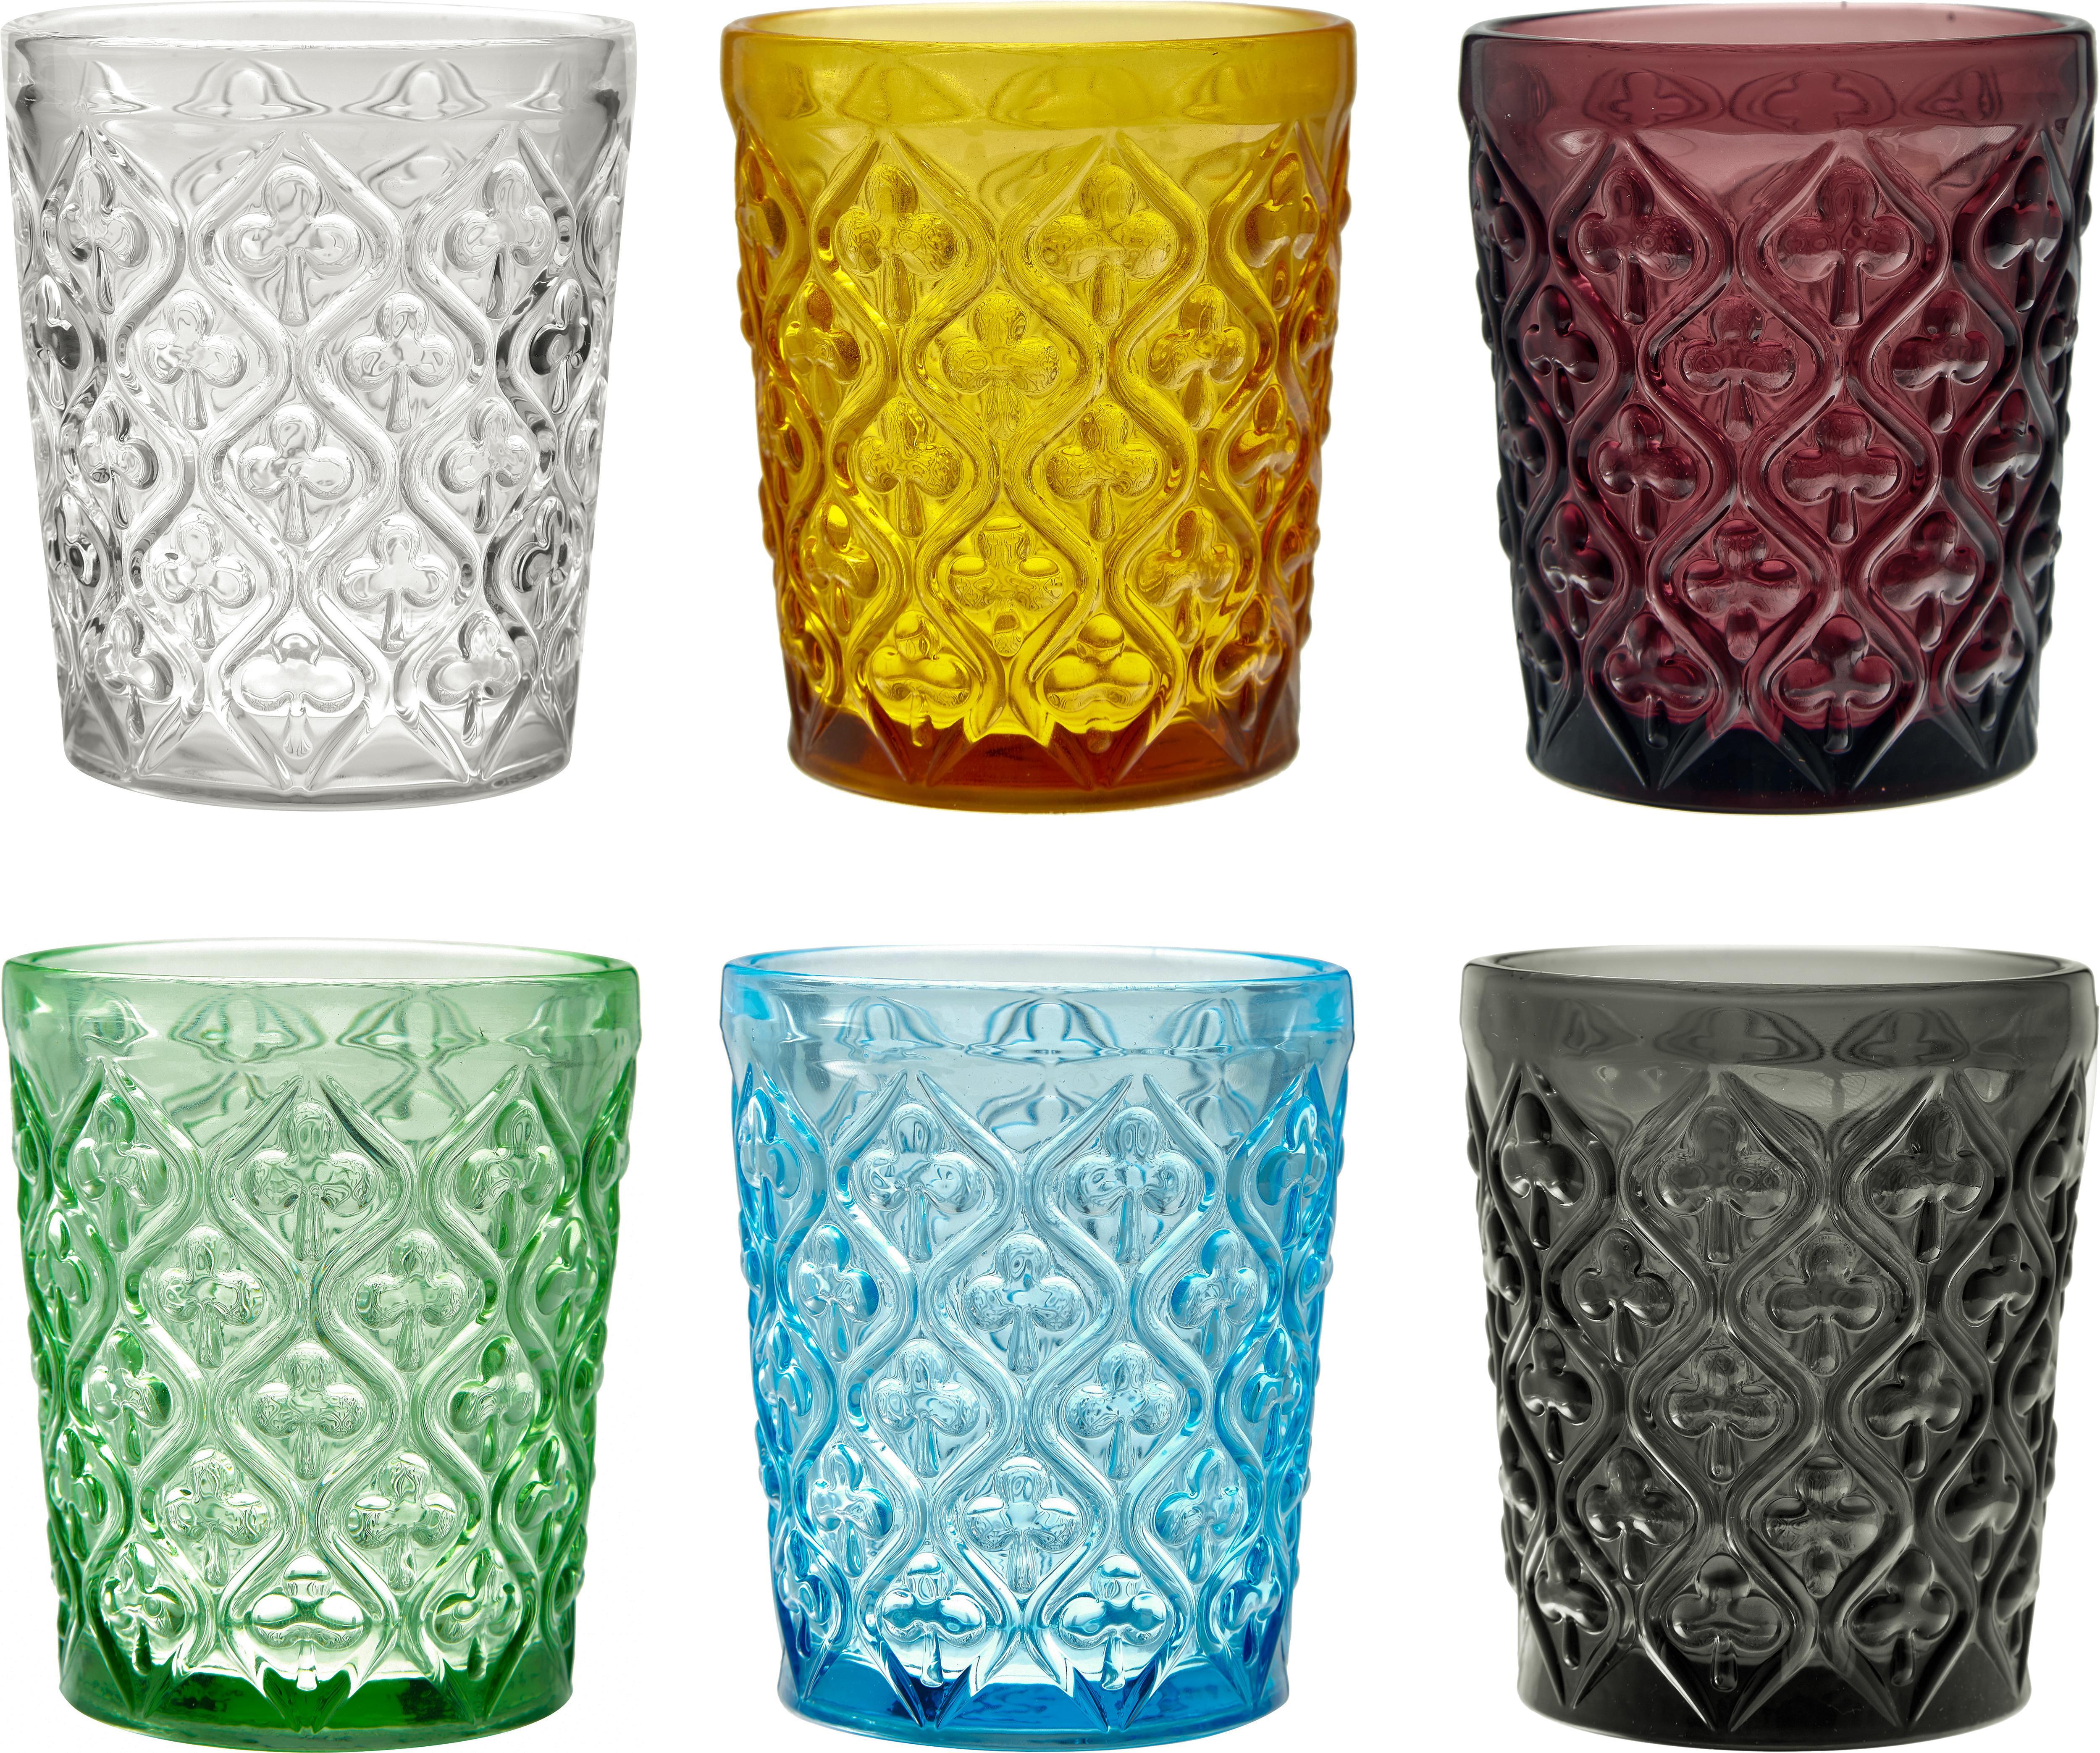 Verres à eau avec embossage décoratif Marrakech, 6élém., Bleu, lilas, gris, vert, jaune, transparent